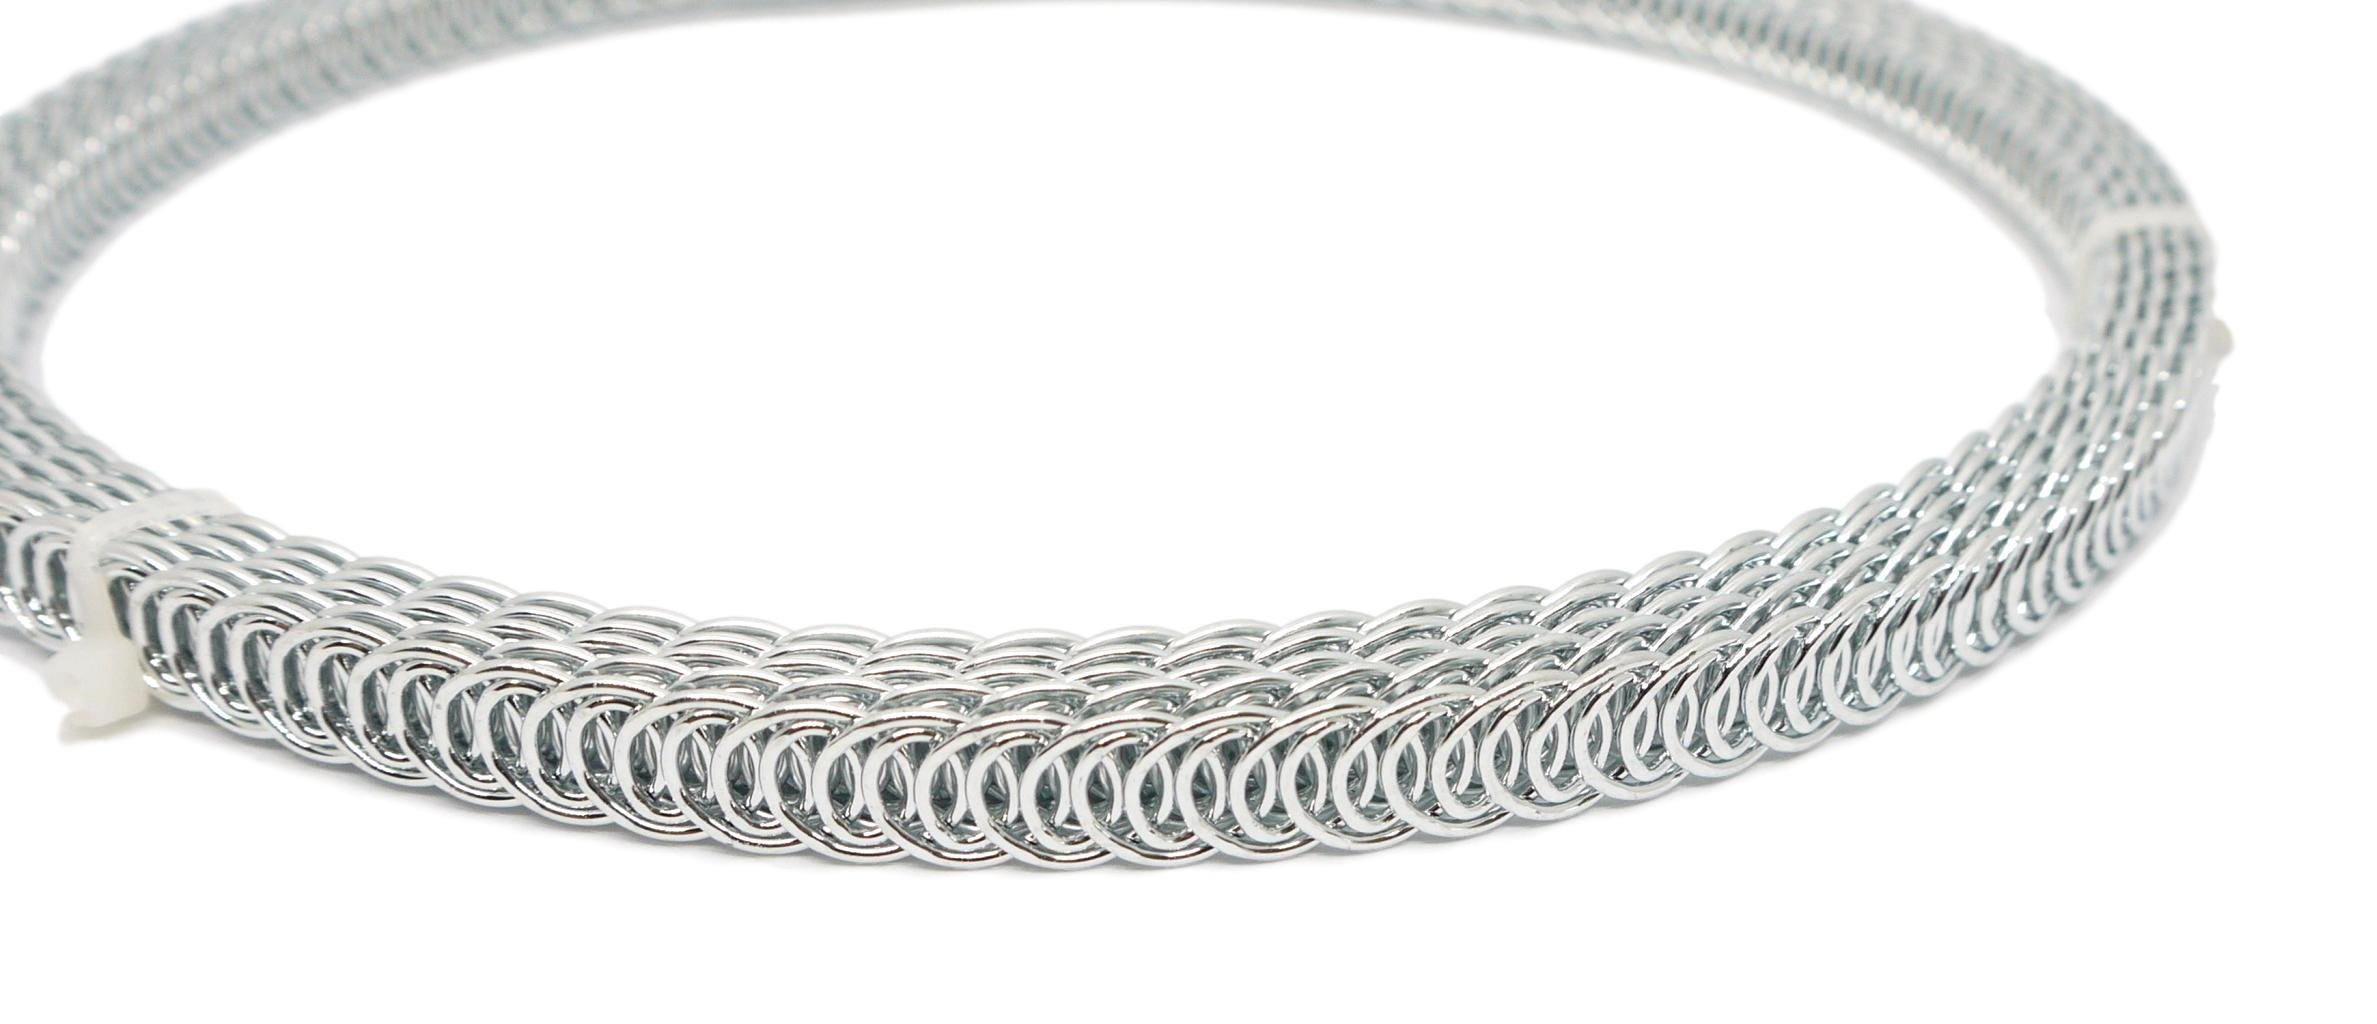 Porcelynne Spiral Galvanized Steel Boning Coil 1/2'' Wide - Roll of 9.5 feet by Porcelynne